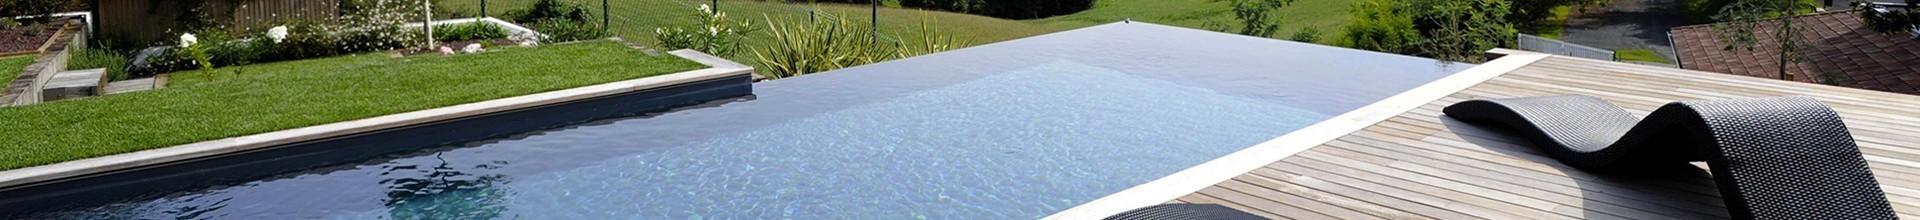 ✅ Rhône Alpes Kit piscine béton Cantal. Fabricant d'une piscine